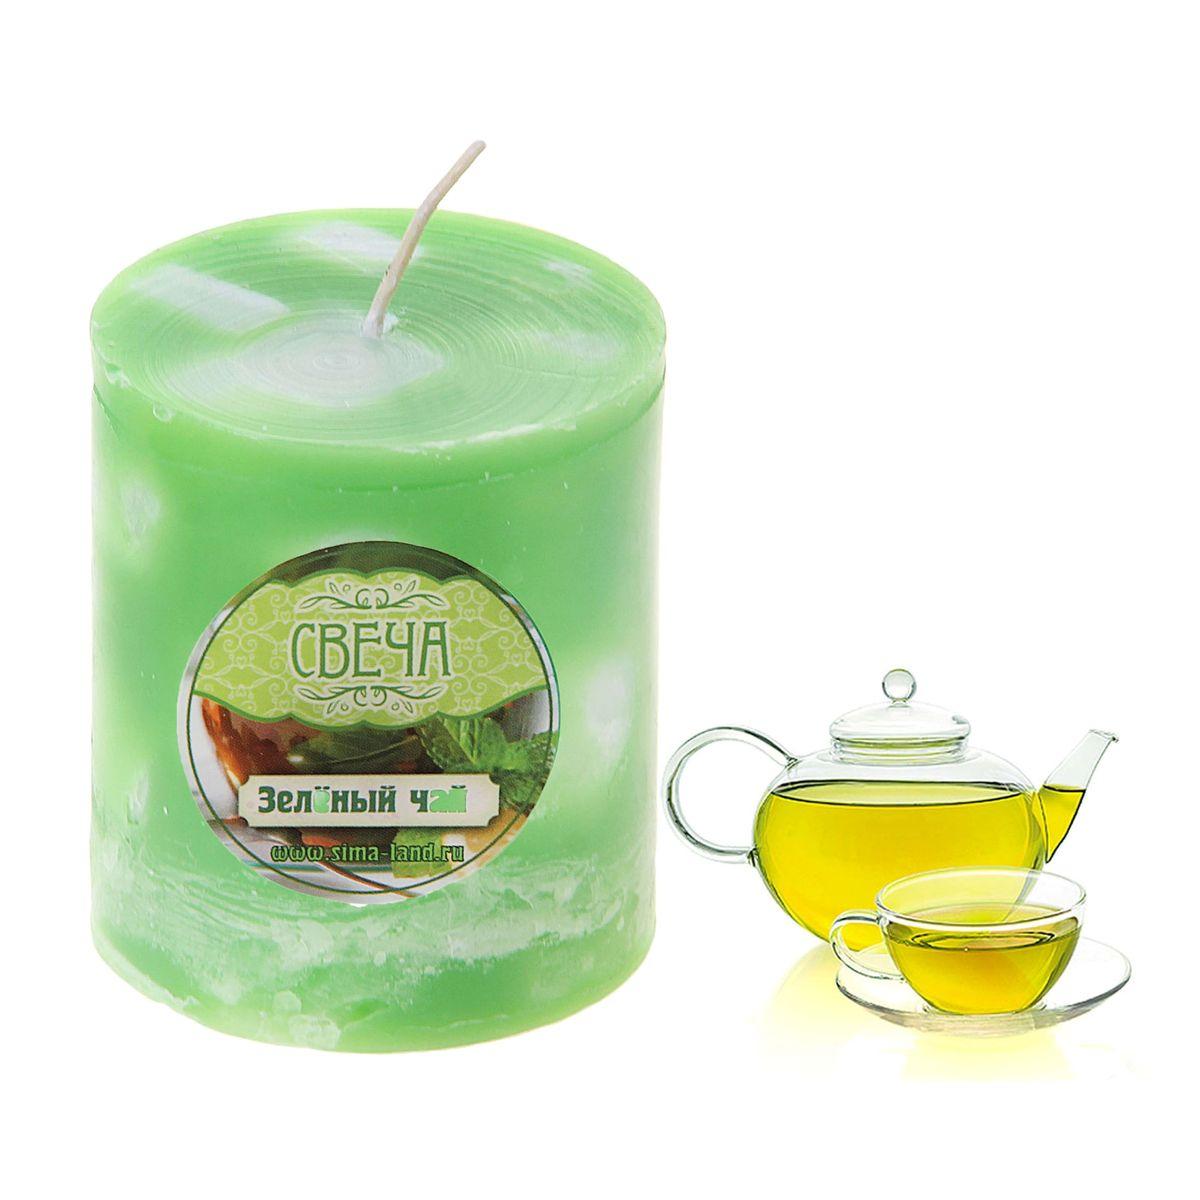 Свеча ароматизированная Sima-land Зеленый чай, высота 7,5 см. 849571849571Свеча Sima-land Зеленый чай выполнена из воска в виде столбика. Свеча порадует ярким дизайном и насыщенным ароматом зеленого чая, который понравится как женщинам, так и мужчинам. Создайте для себя и своих близких незабываемую атмосферу праздника в доме. Ароматическая свеча Sima-land Зеленый чай раскрасит серые будни яркими красками.